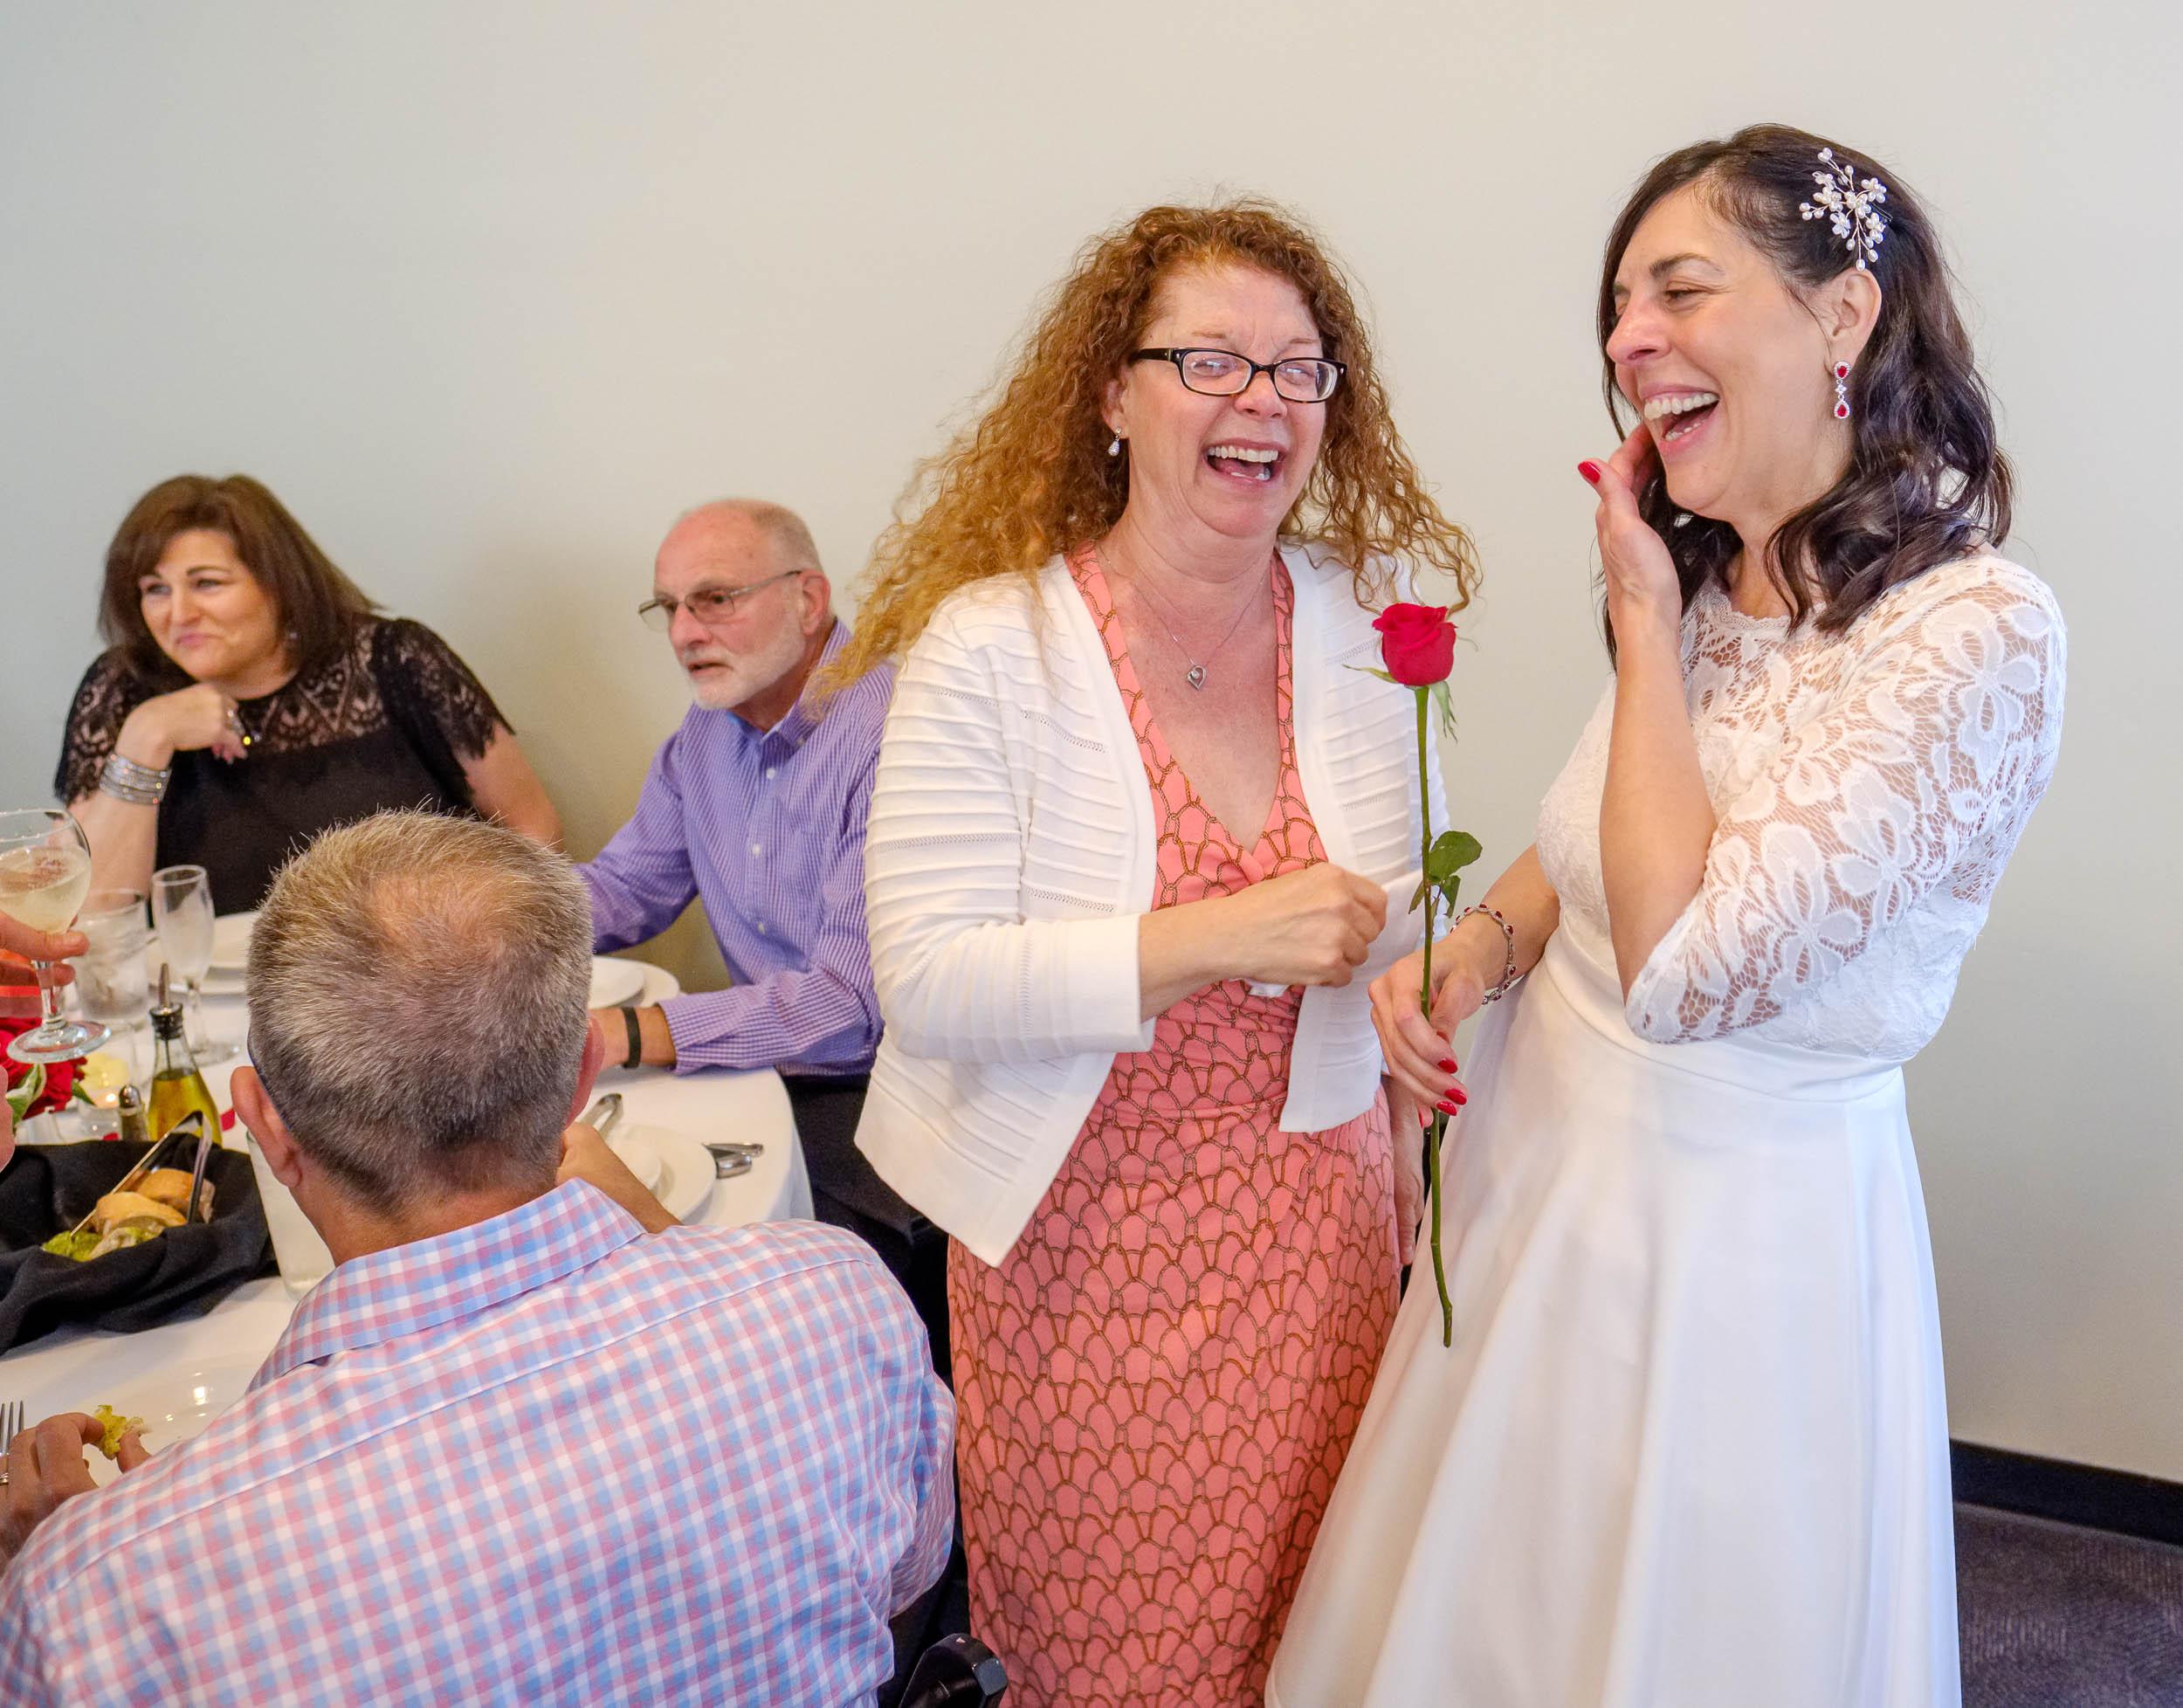 schmidt_wedding-912.jpg